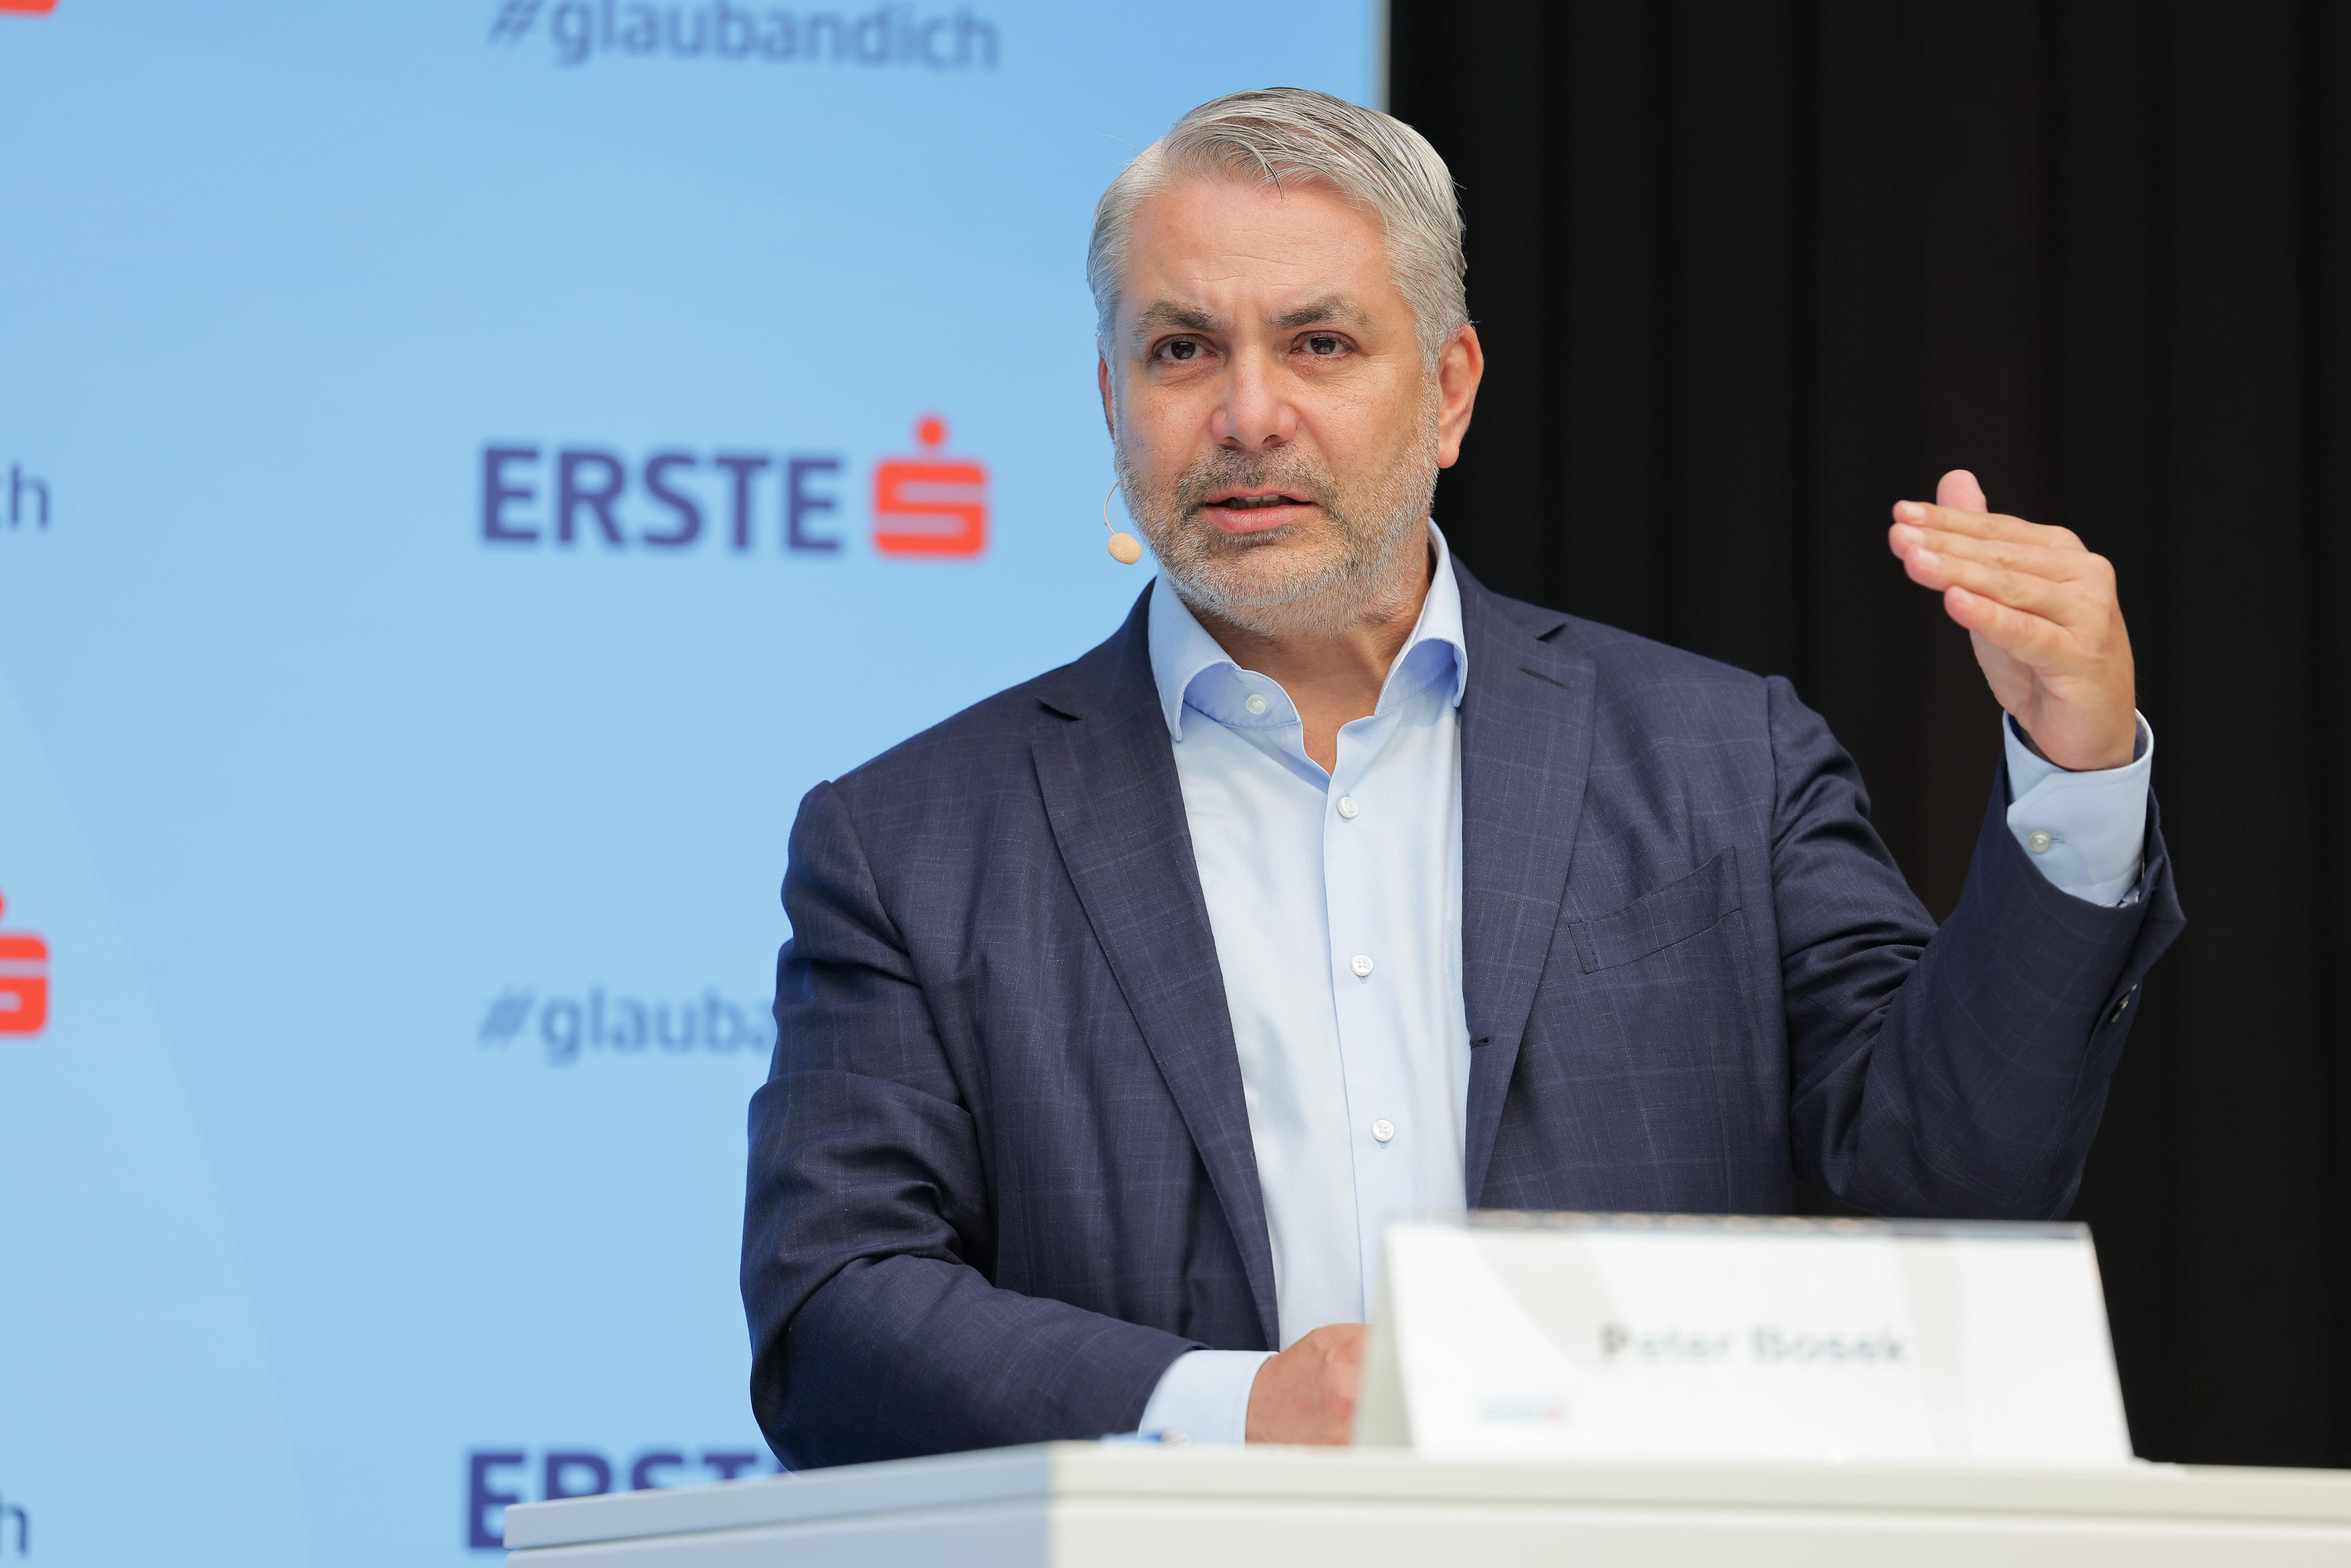 Steigende Wohnkosten beunruhigen Österreicher